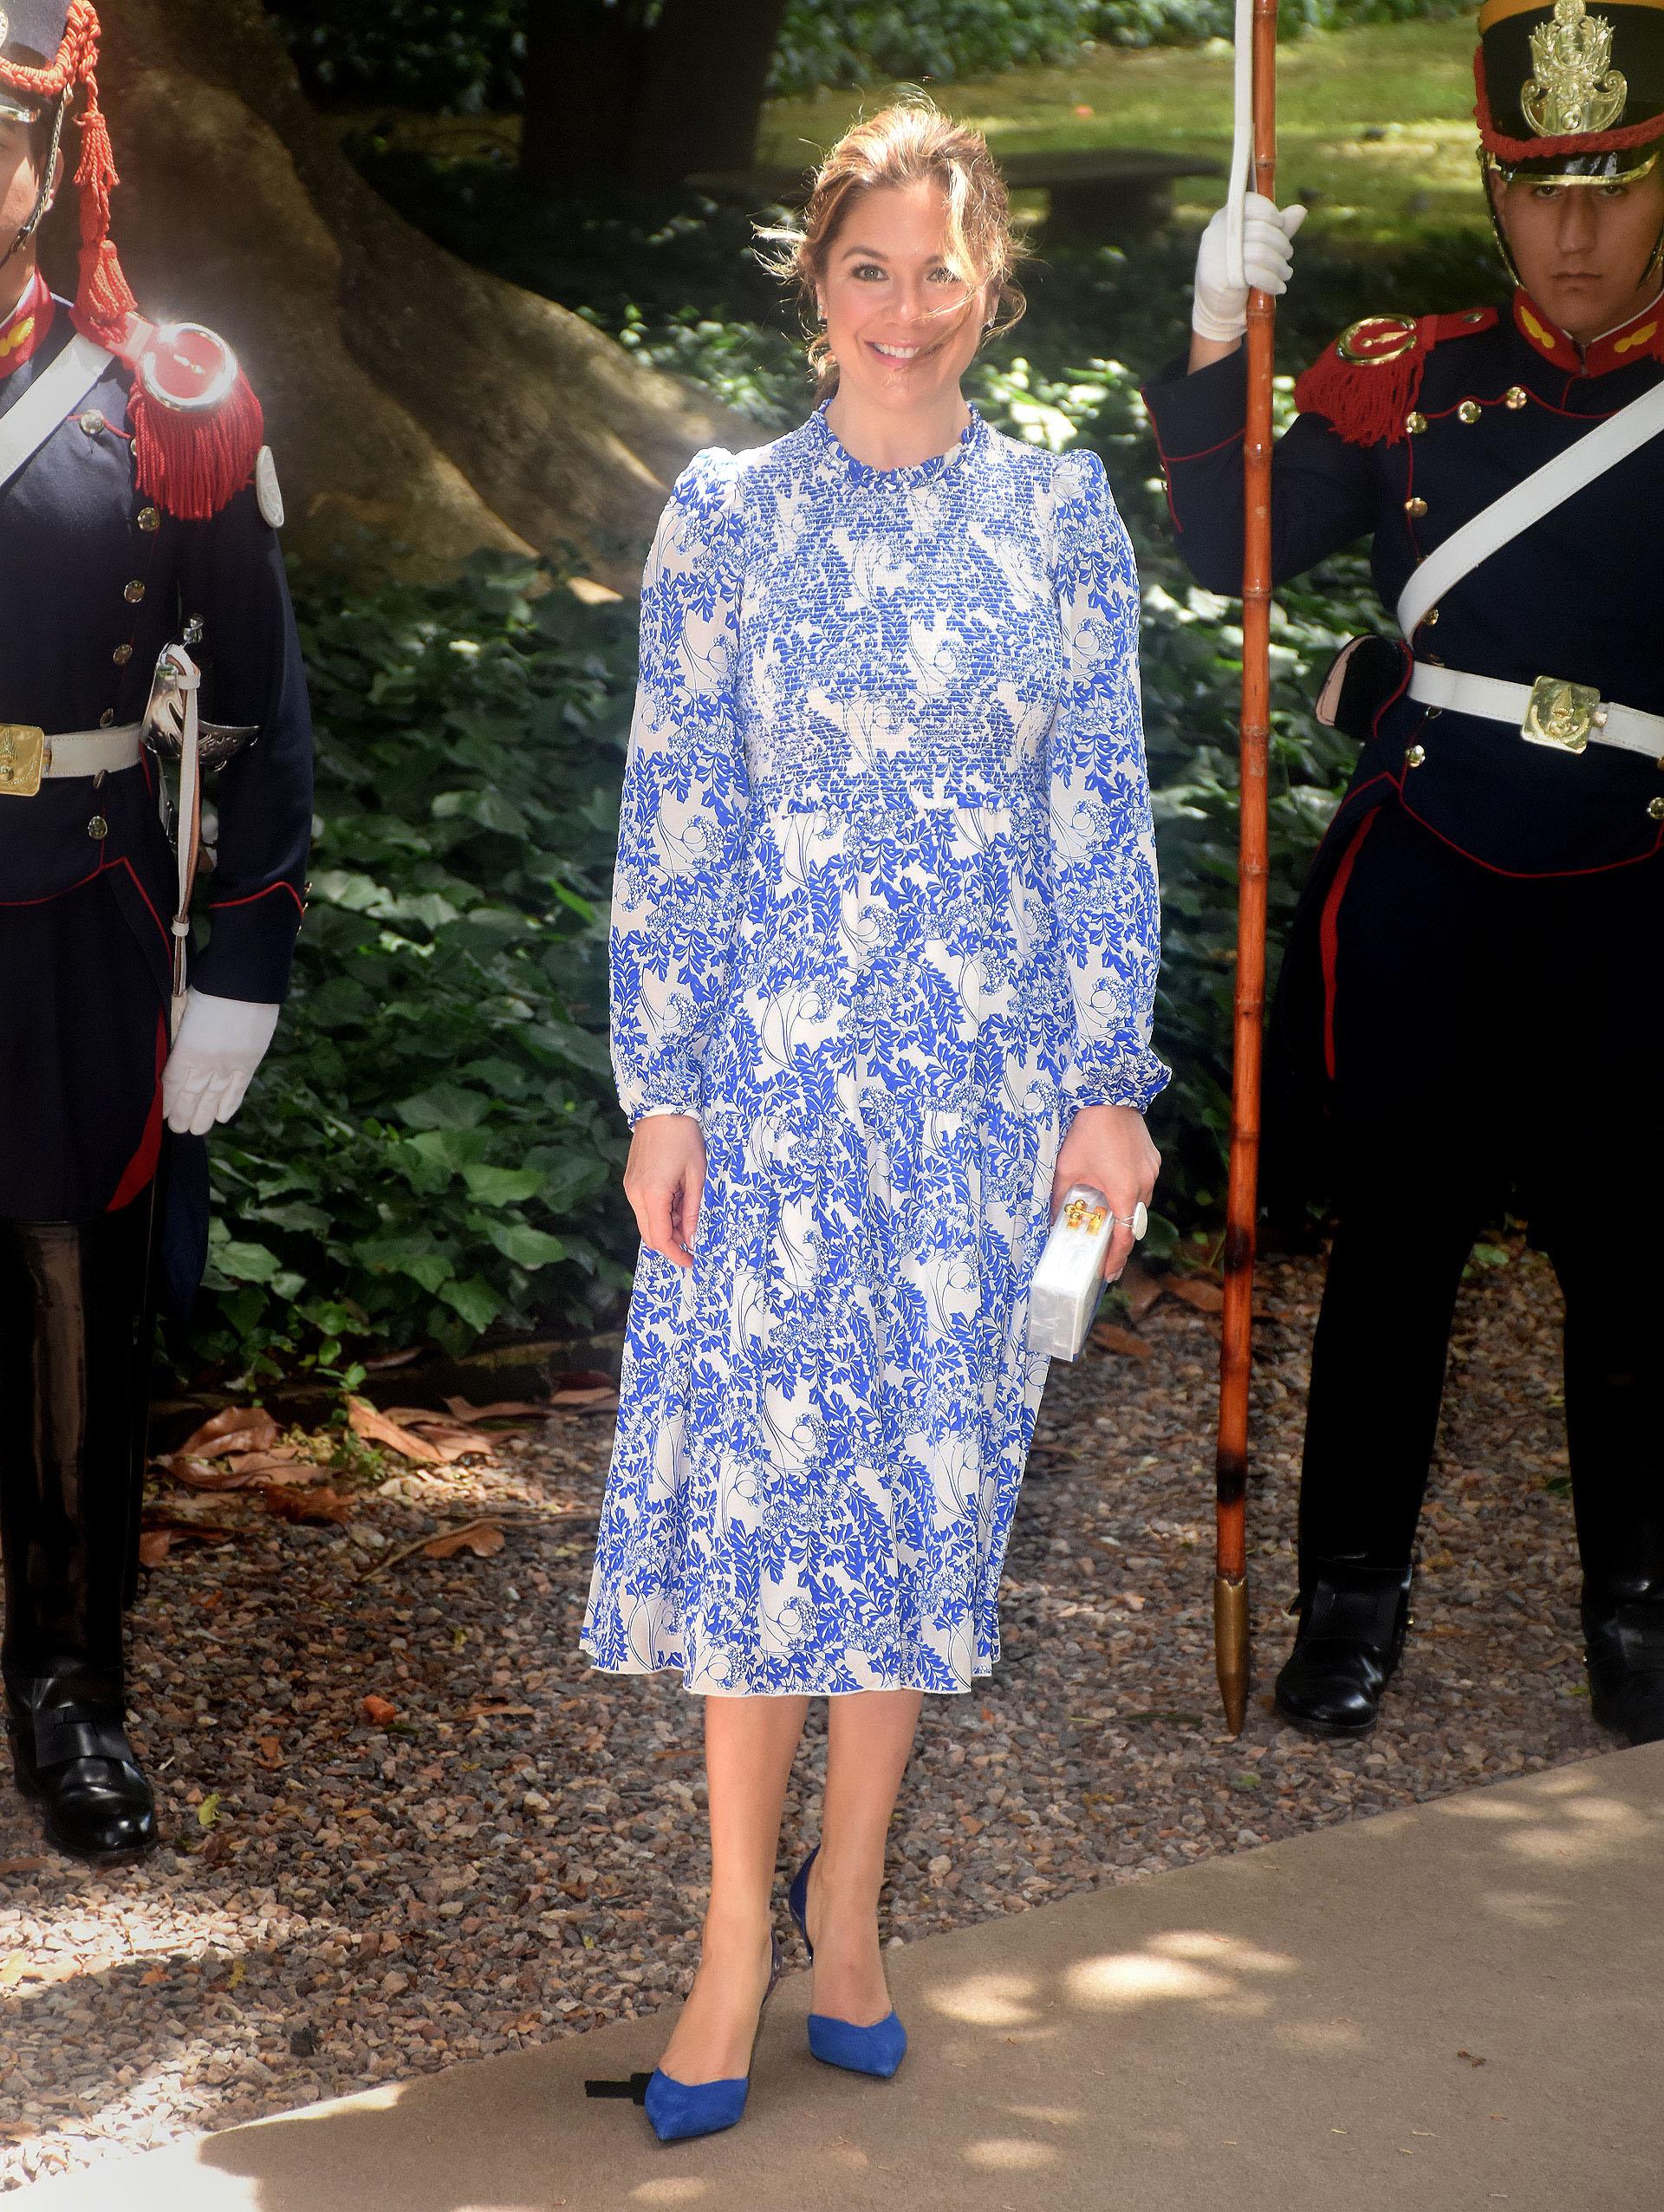 Sophie Trudeau, Canadá. La primera dama apostó al azul y blanco. Un vestido por debajo de la rodilla con mangas y cuello a la base con estampado floral, clutch rígido blanco de acrílico y stilettos en punta de gamuza